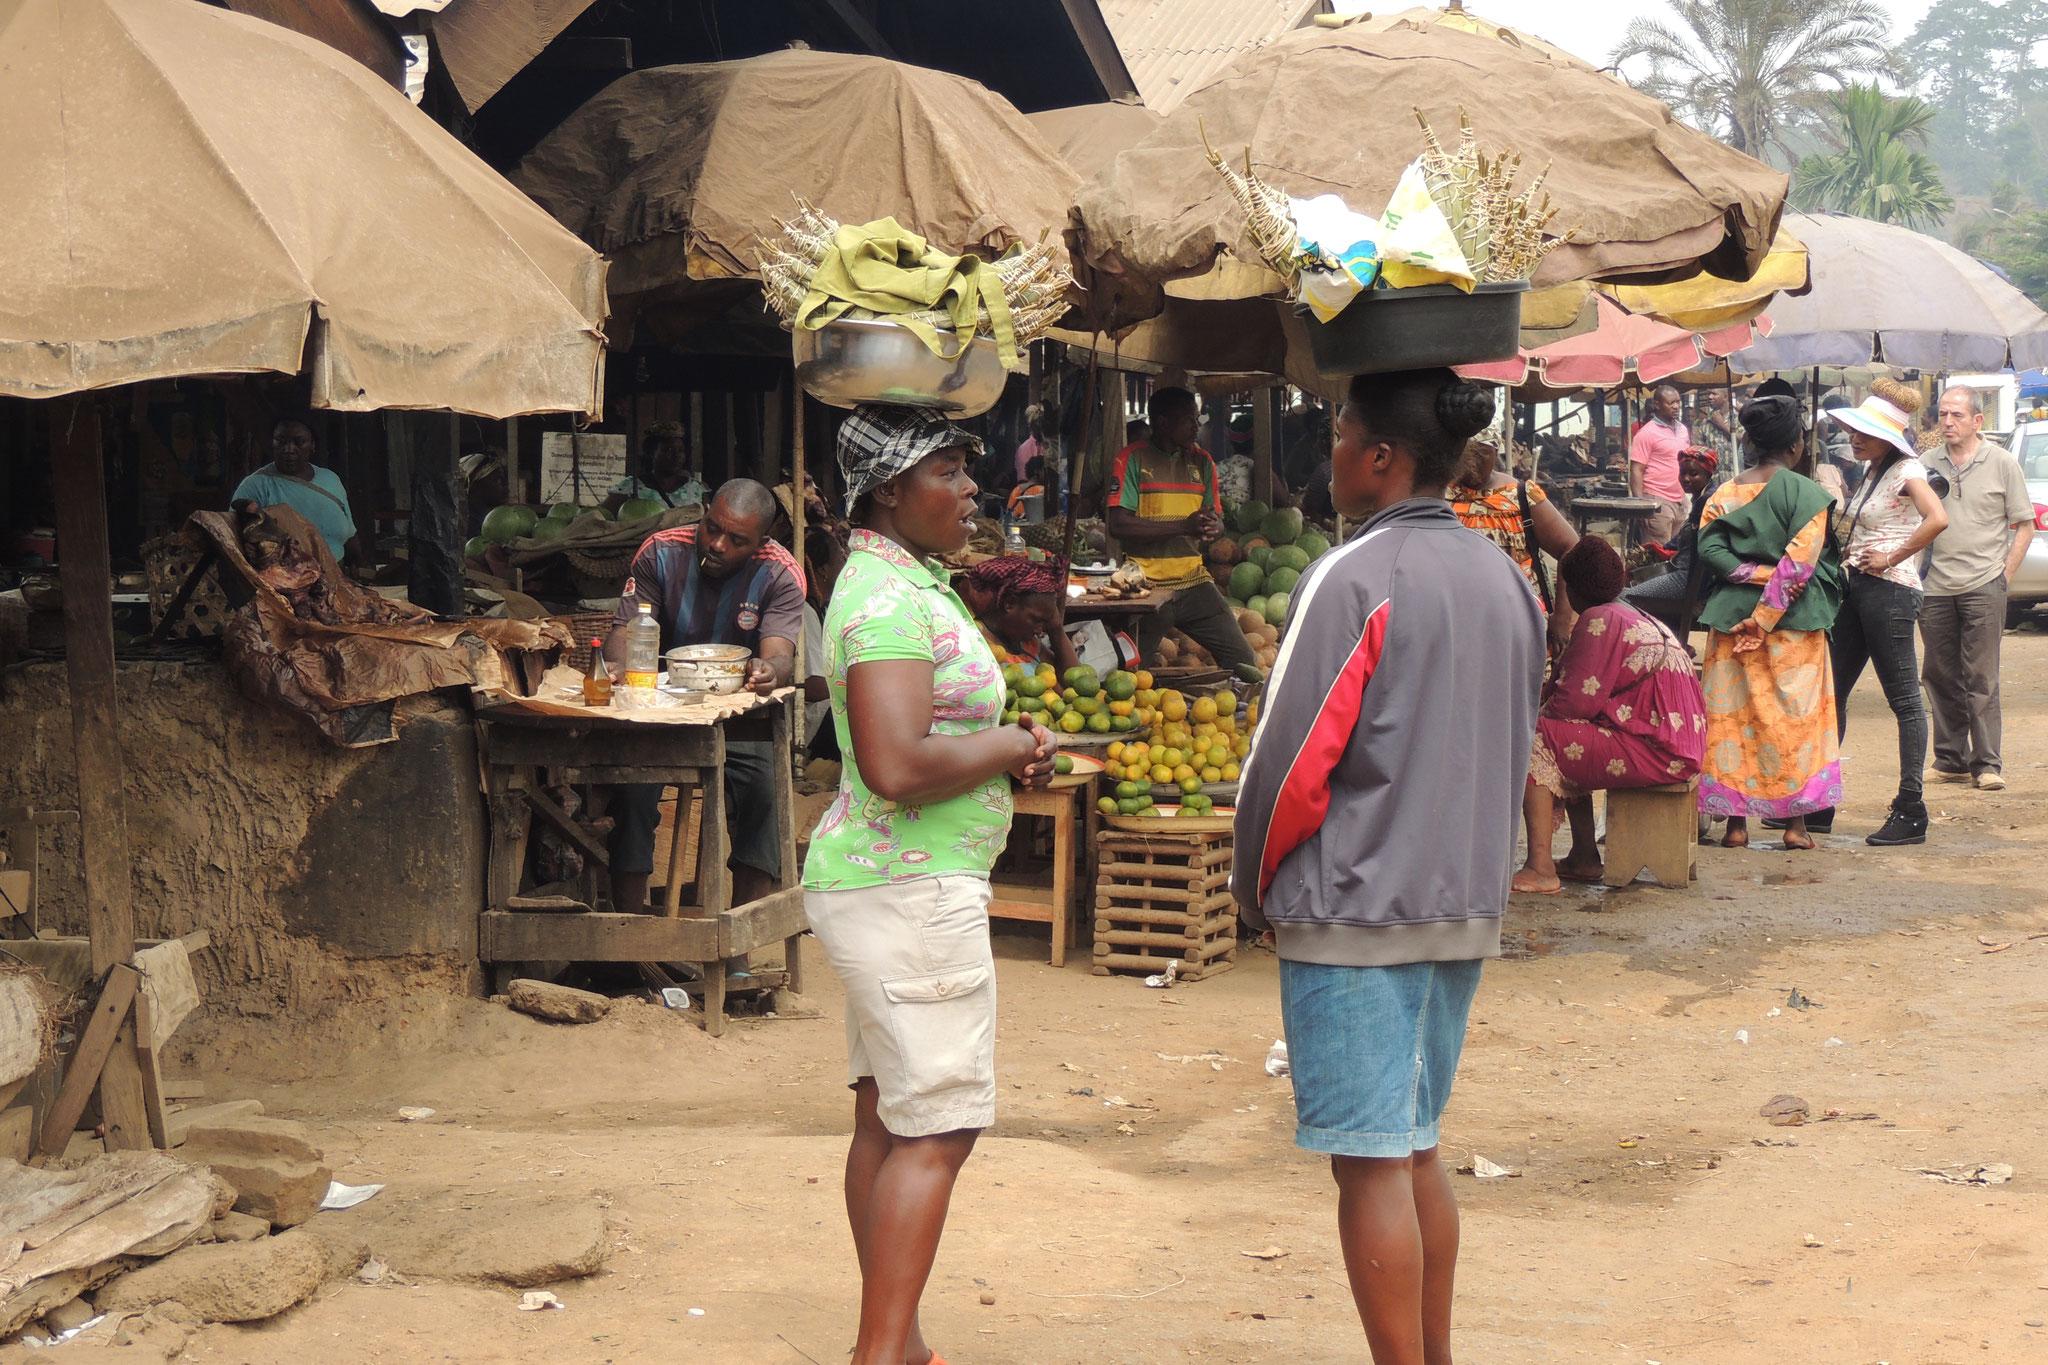 Un animado mercado